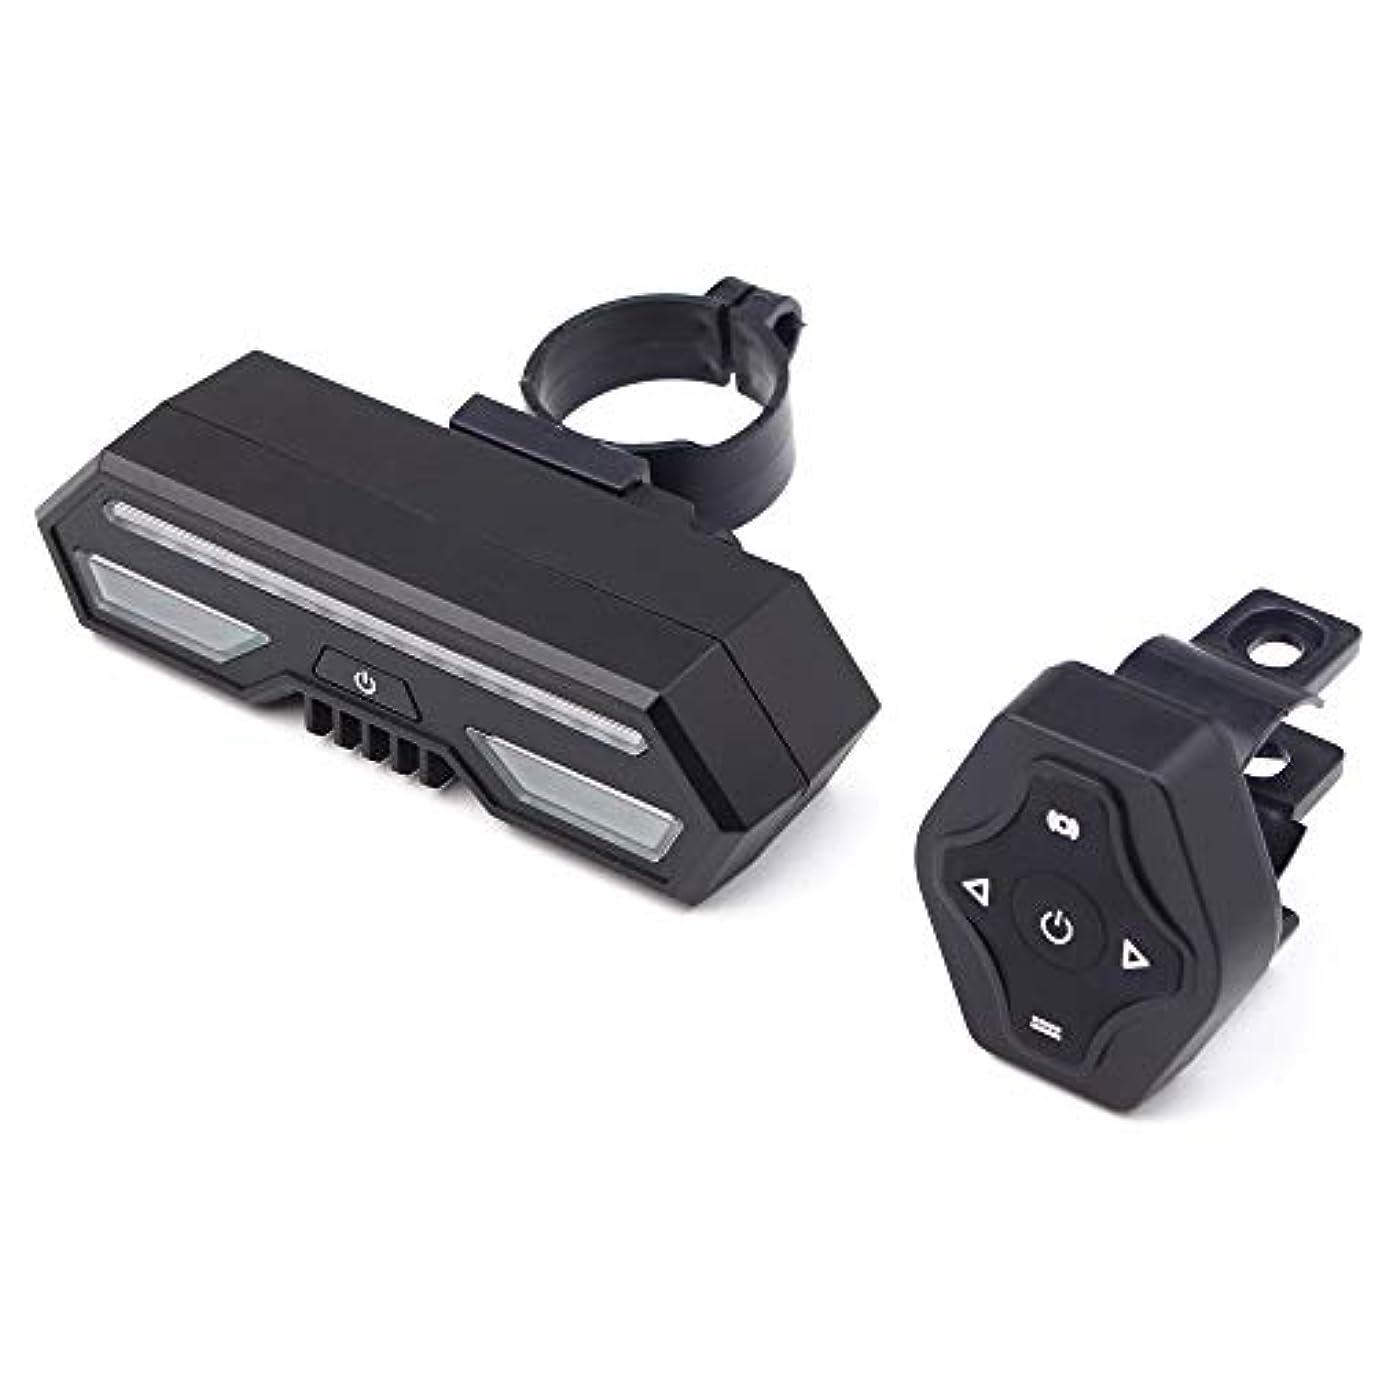 司書立法ペンフレンド自転車ターンシグナルランプ 自転車ライト ロードバイク安全警告ライト 2200mah 3点灯モード IPX4防水 赤い警告灯 ターンシグナルランプ リモコン付き USB充電式 日本語説明書付き